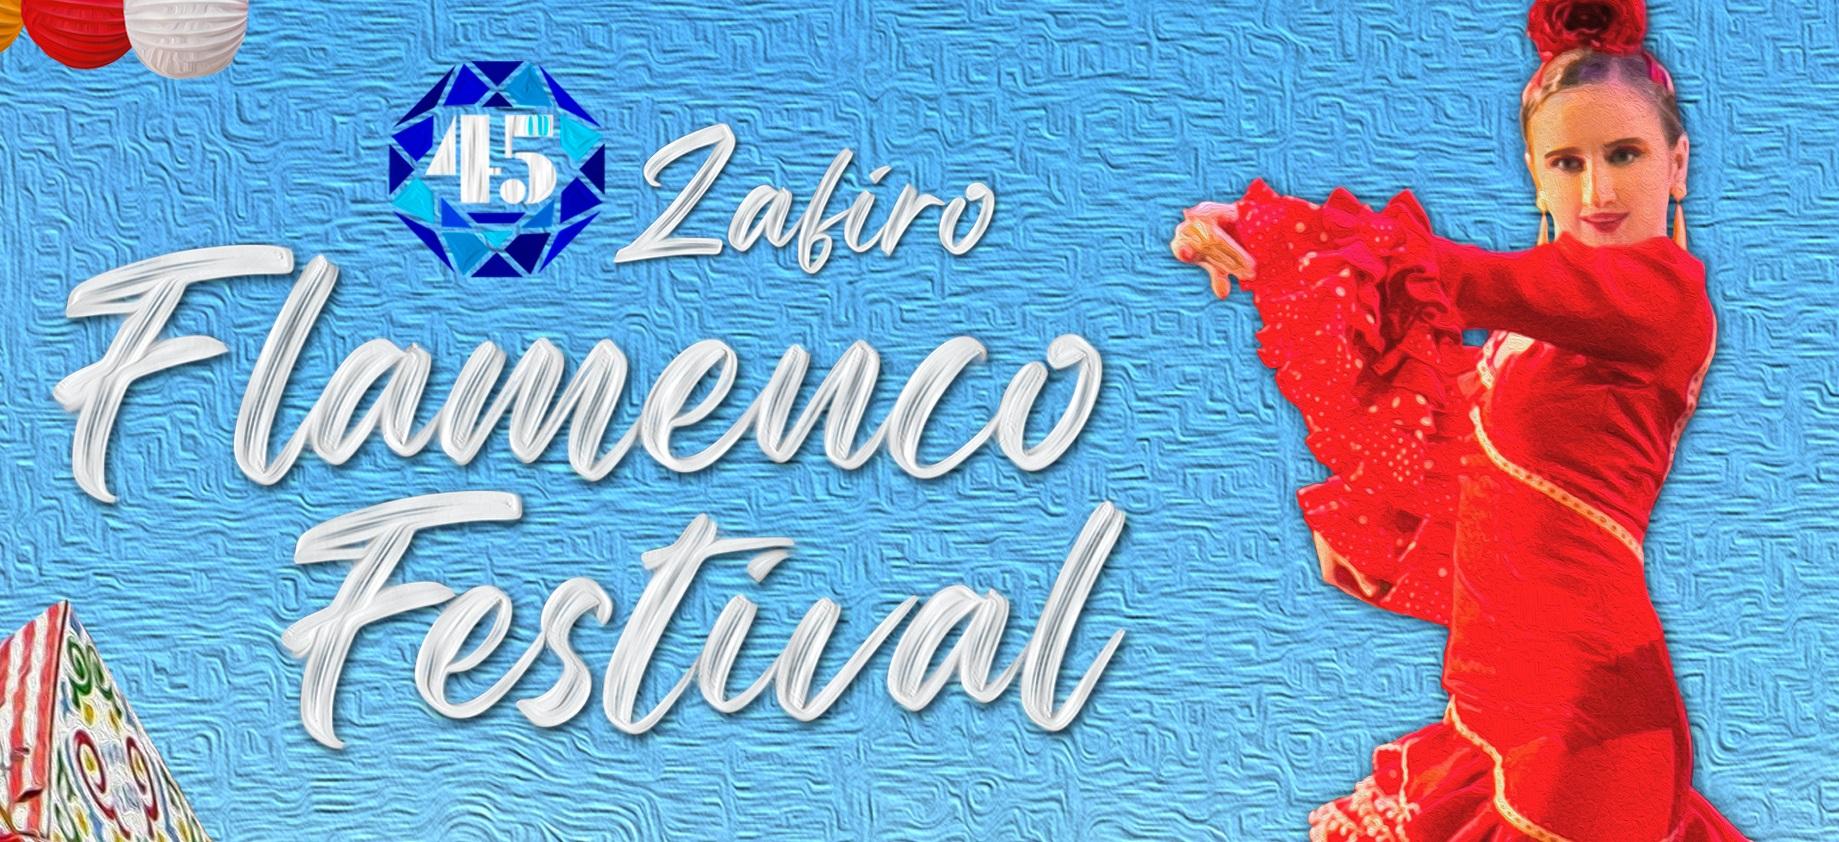 Zafiro Flamenco Festival